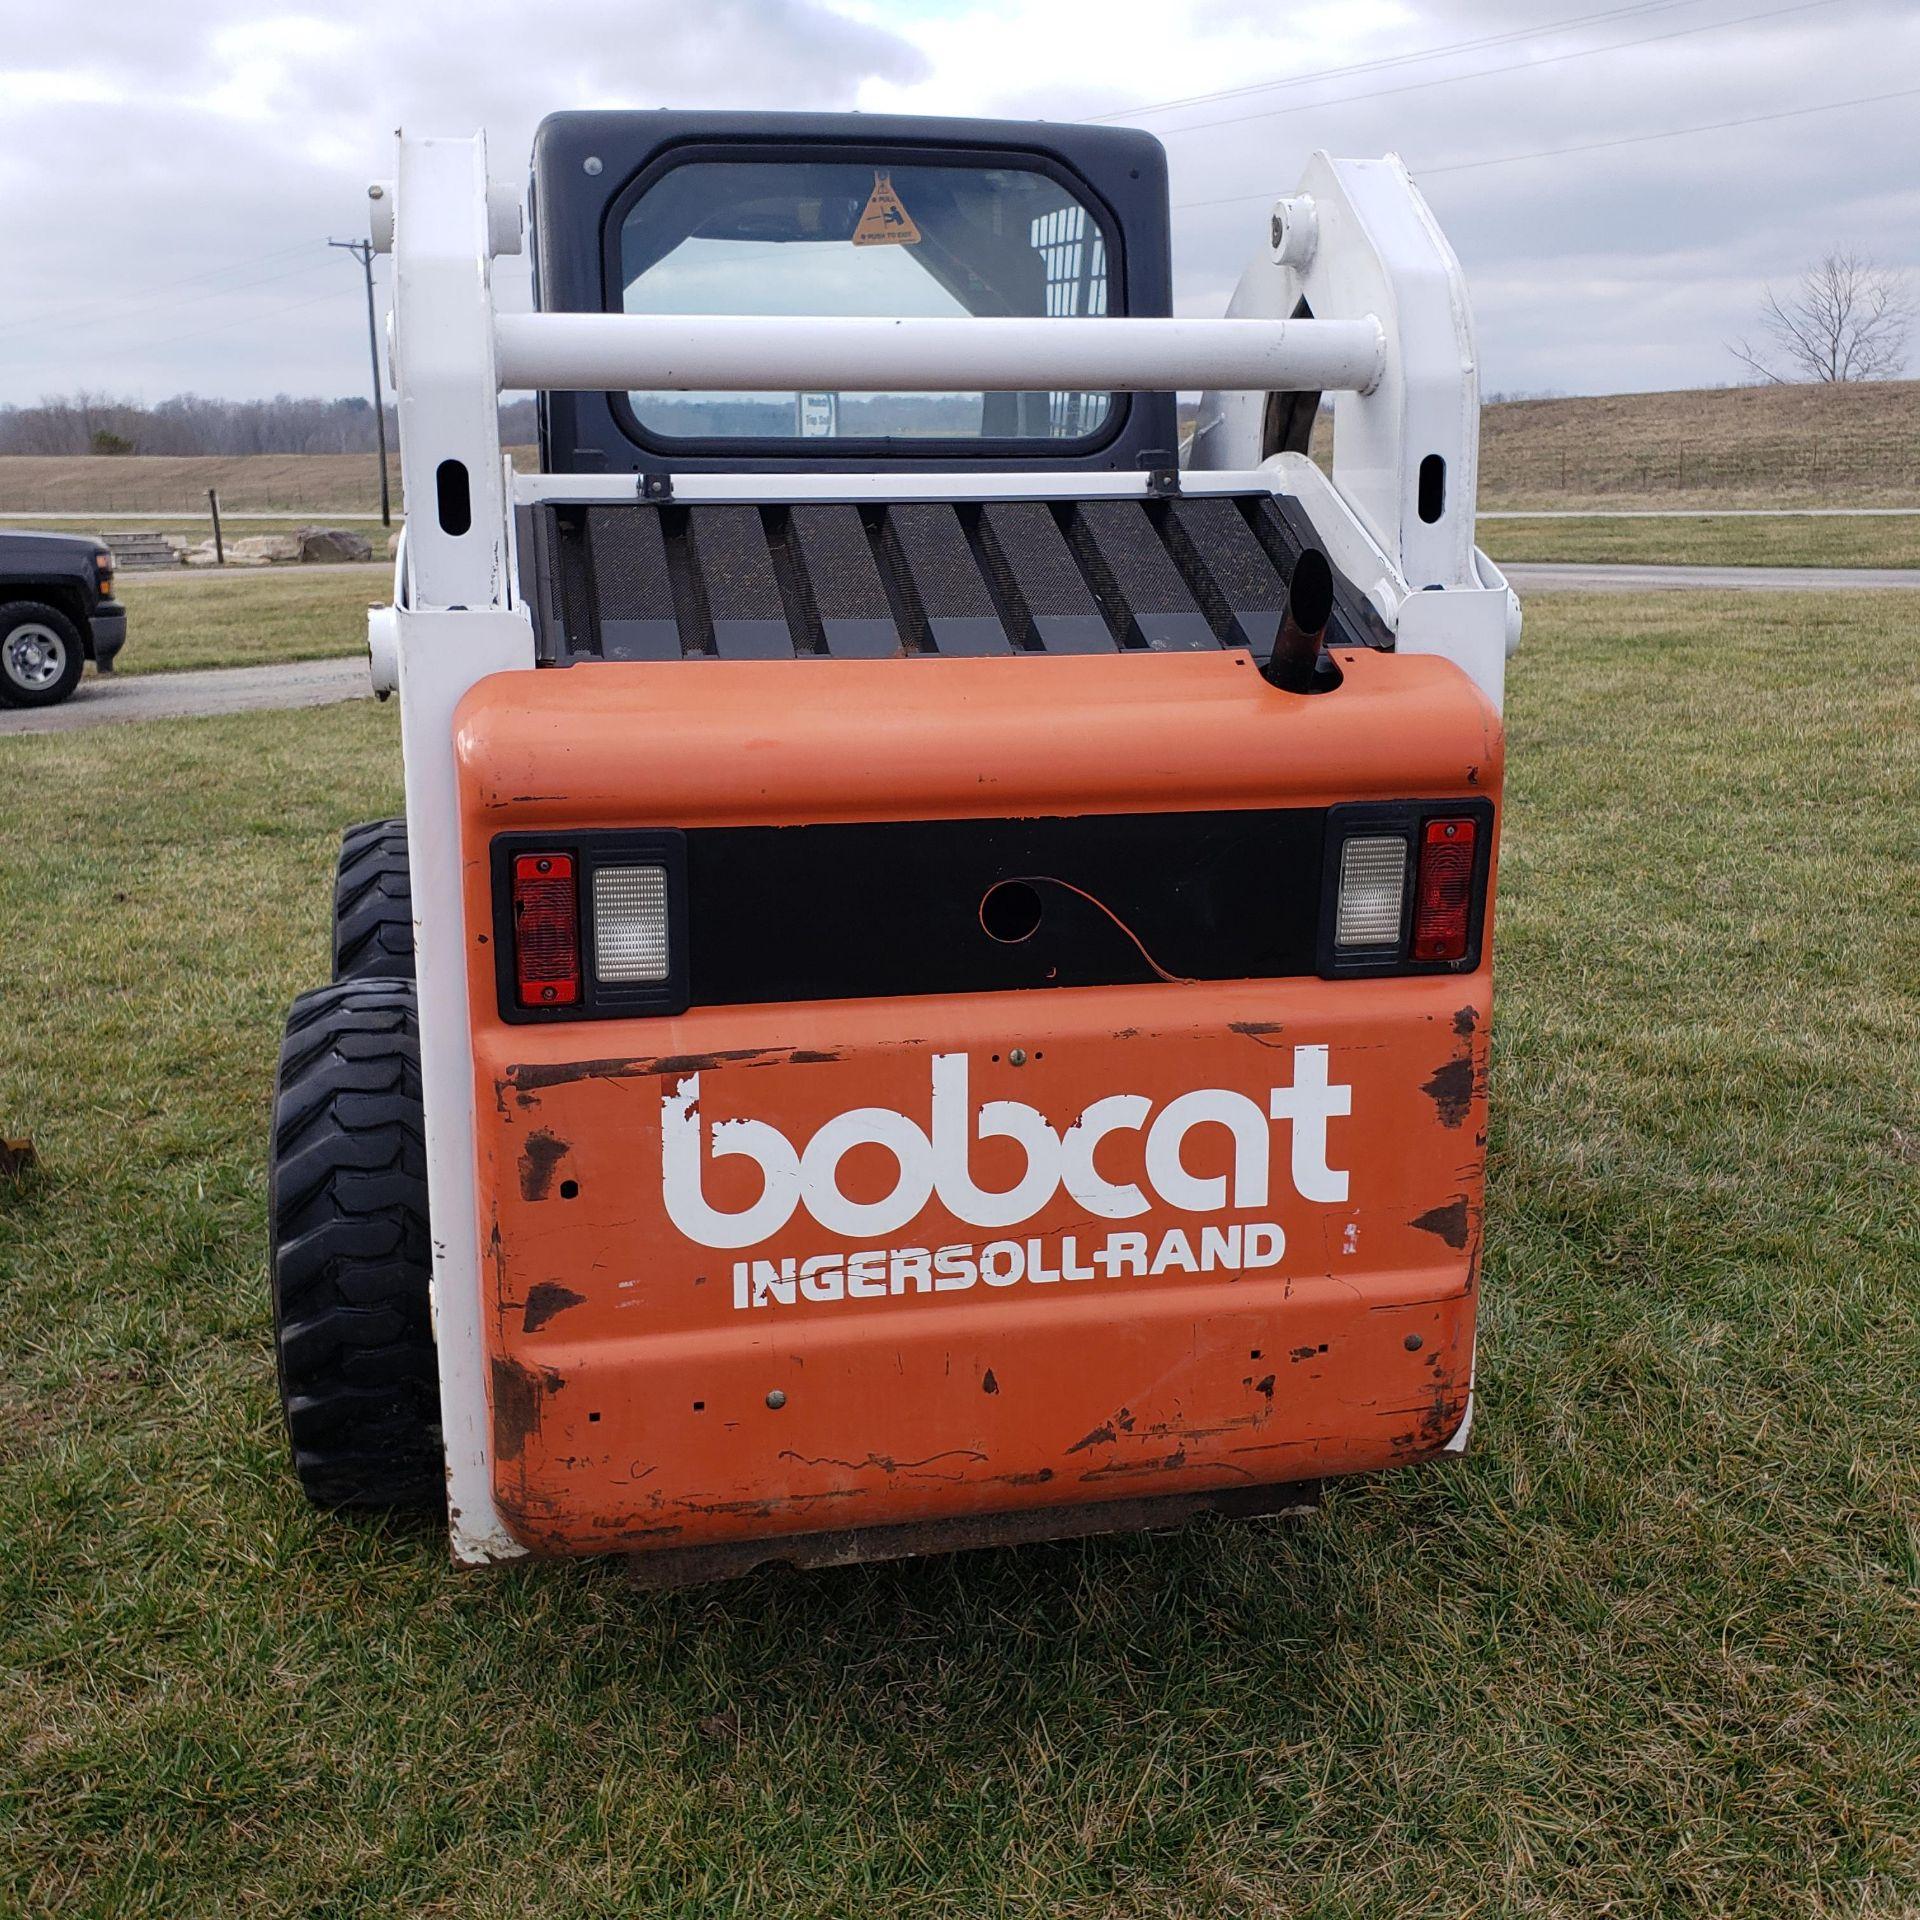 Bobcat Model 773 Skid Steer, s/n 517615228, 1208 Hours, 78 in GP Bucket, Owner Operated Machine - Image 6 of 12